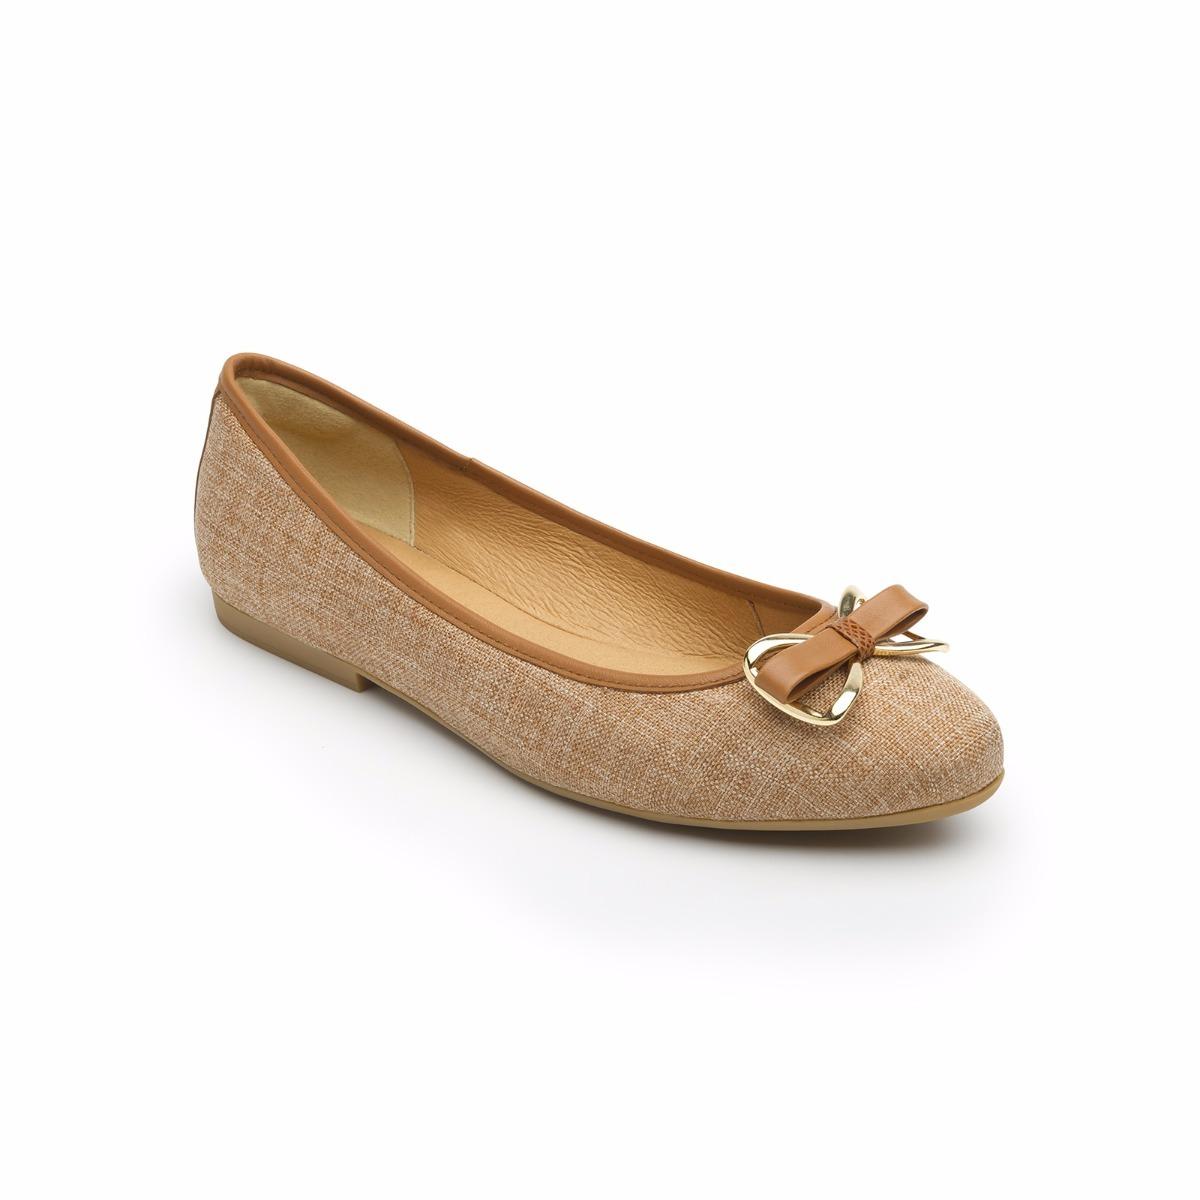 venta caliente real diferentemente elige el más nuevo Zapato Balerina Flexi Dama 47302 Beige Cafe Mujer Flats